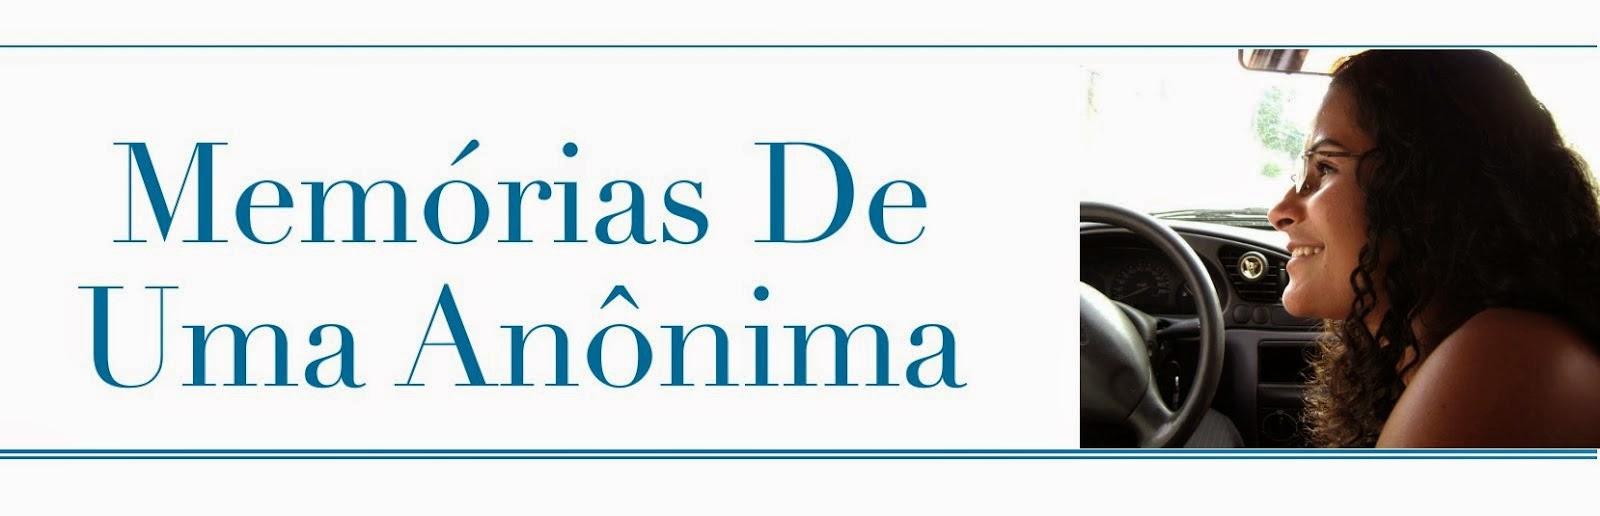 MEMÓRIAS DE UMA ANÔNIMA